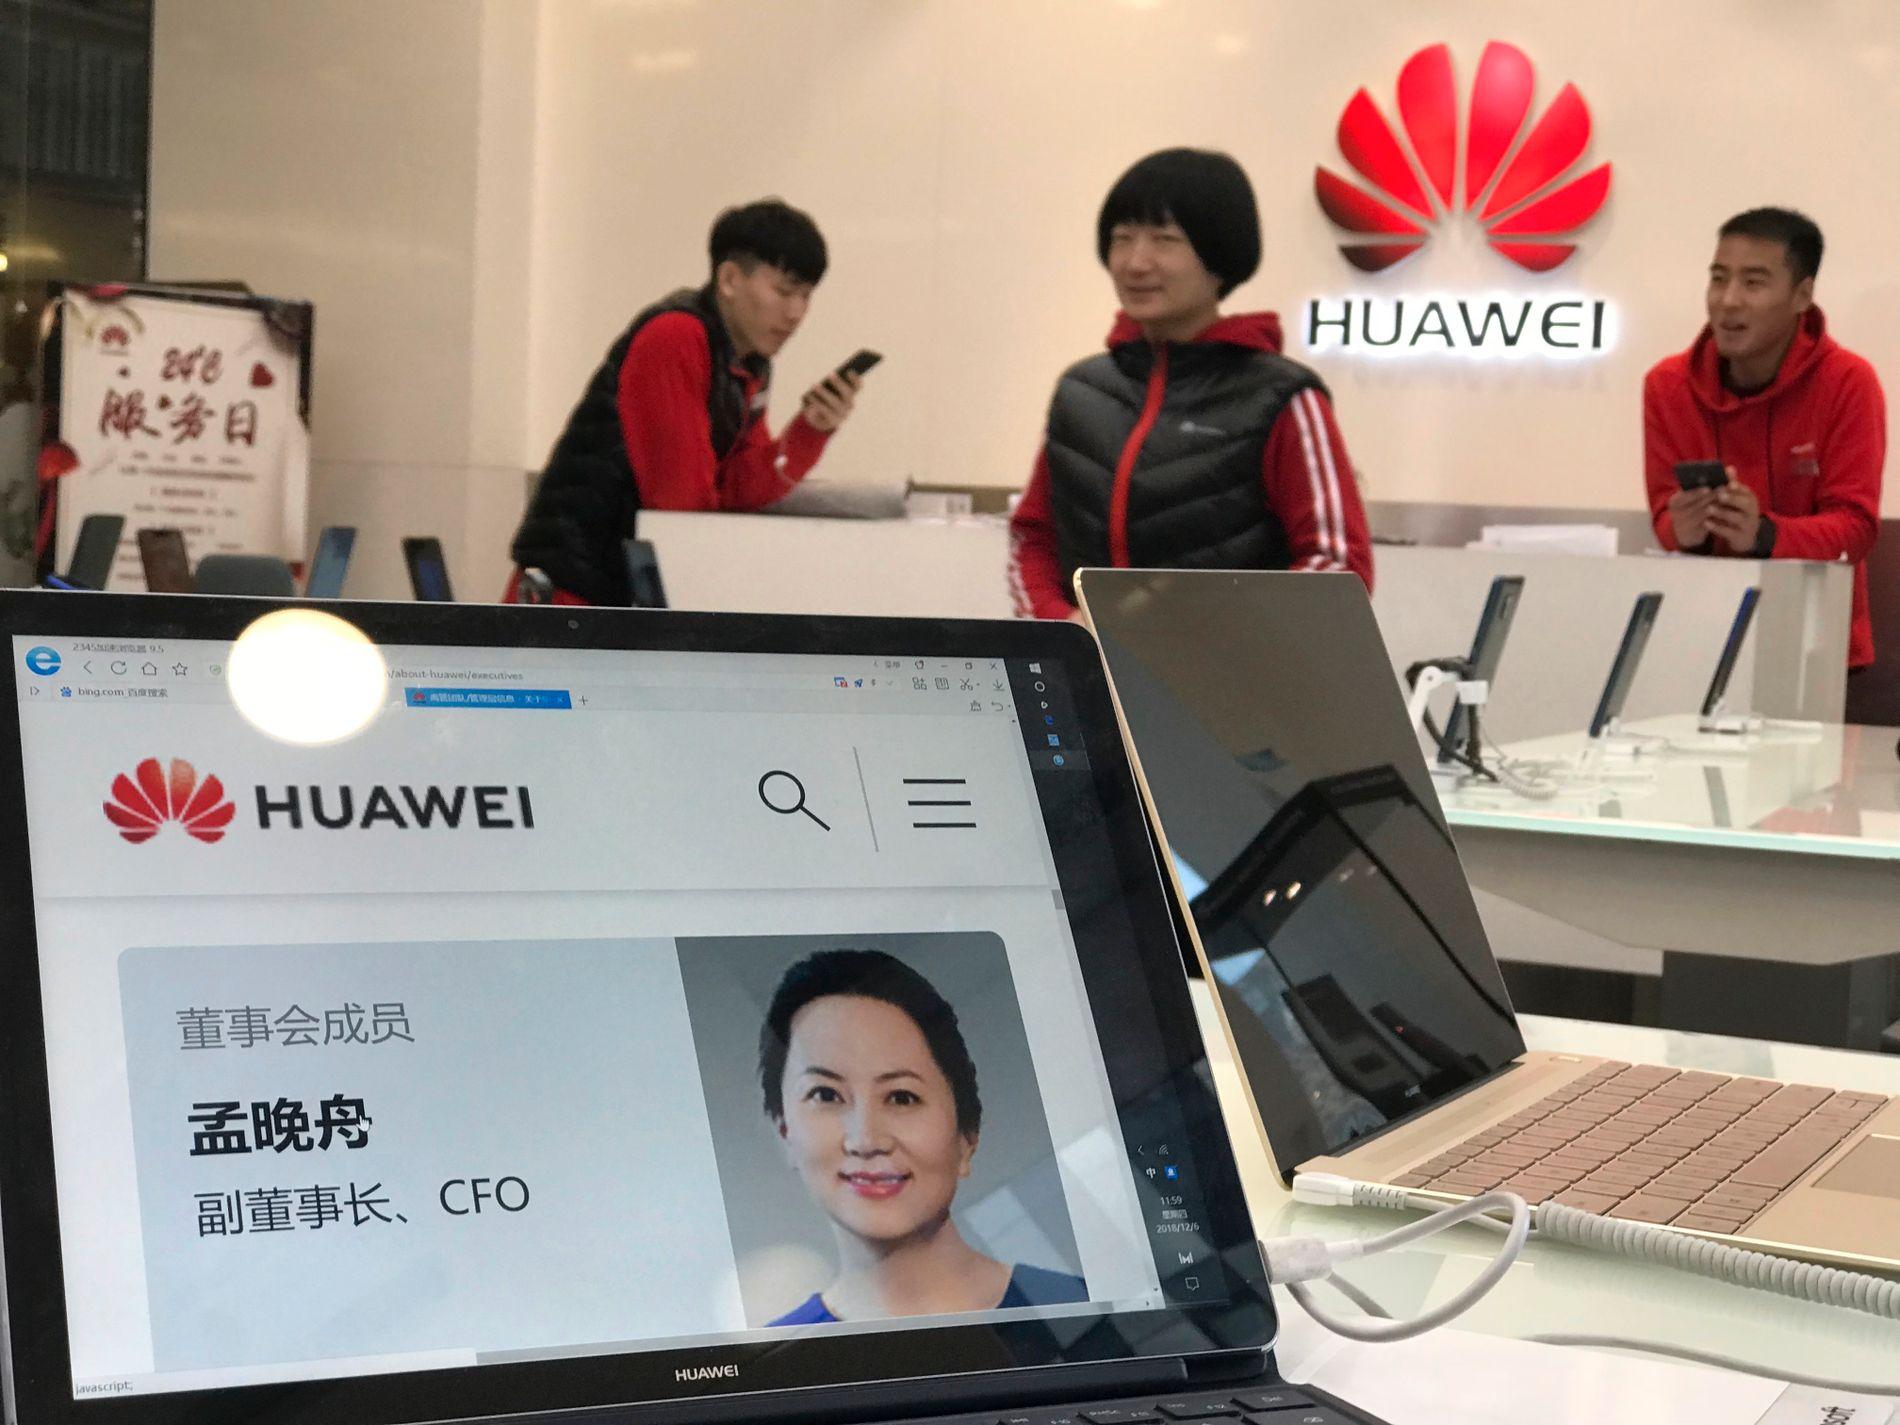 I BUTIKKEN: Et bilde av den arresterte finansdirektøren Meng Wanzhou er hentet opp på en PC-skjerm i en Huawei-butikk i Bejing torsdag morgen.